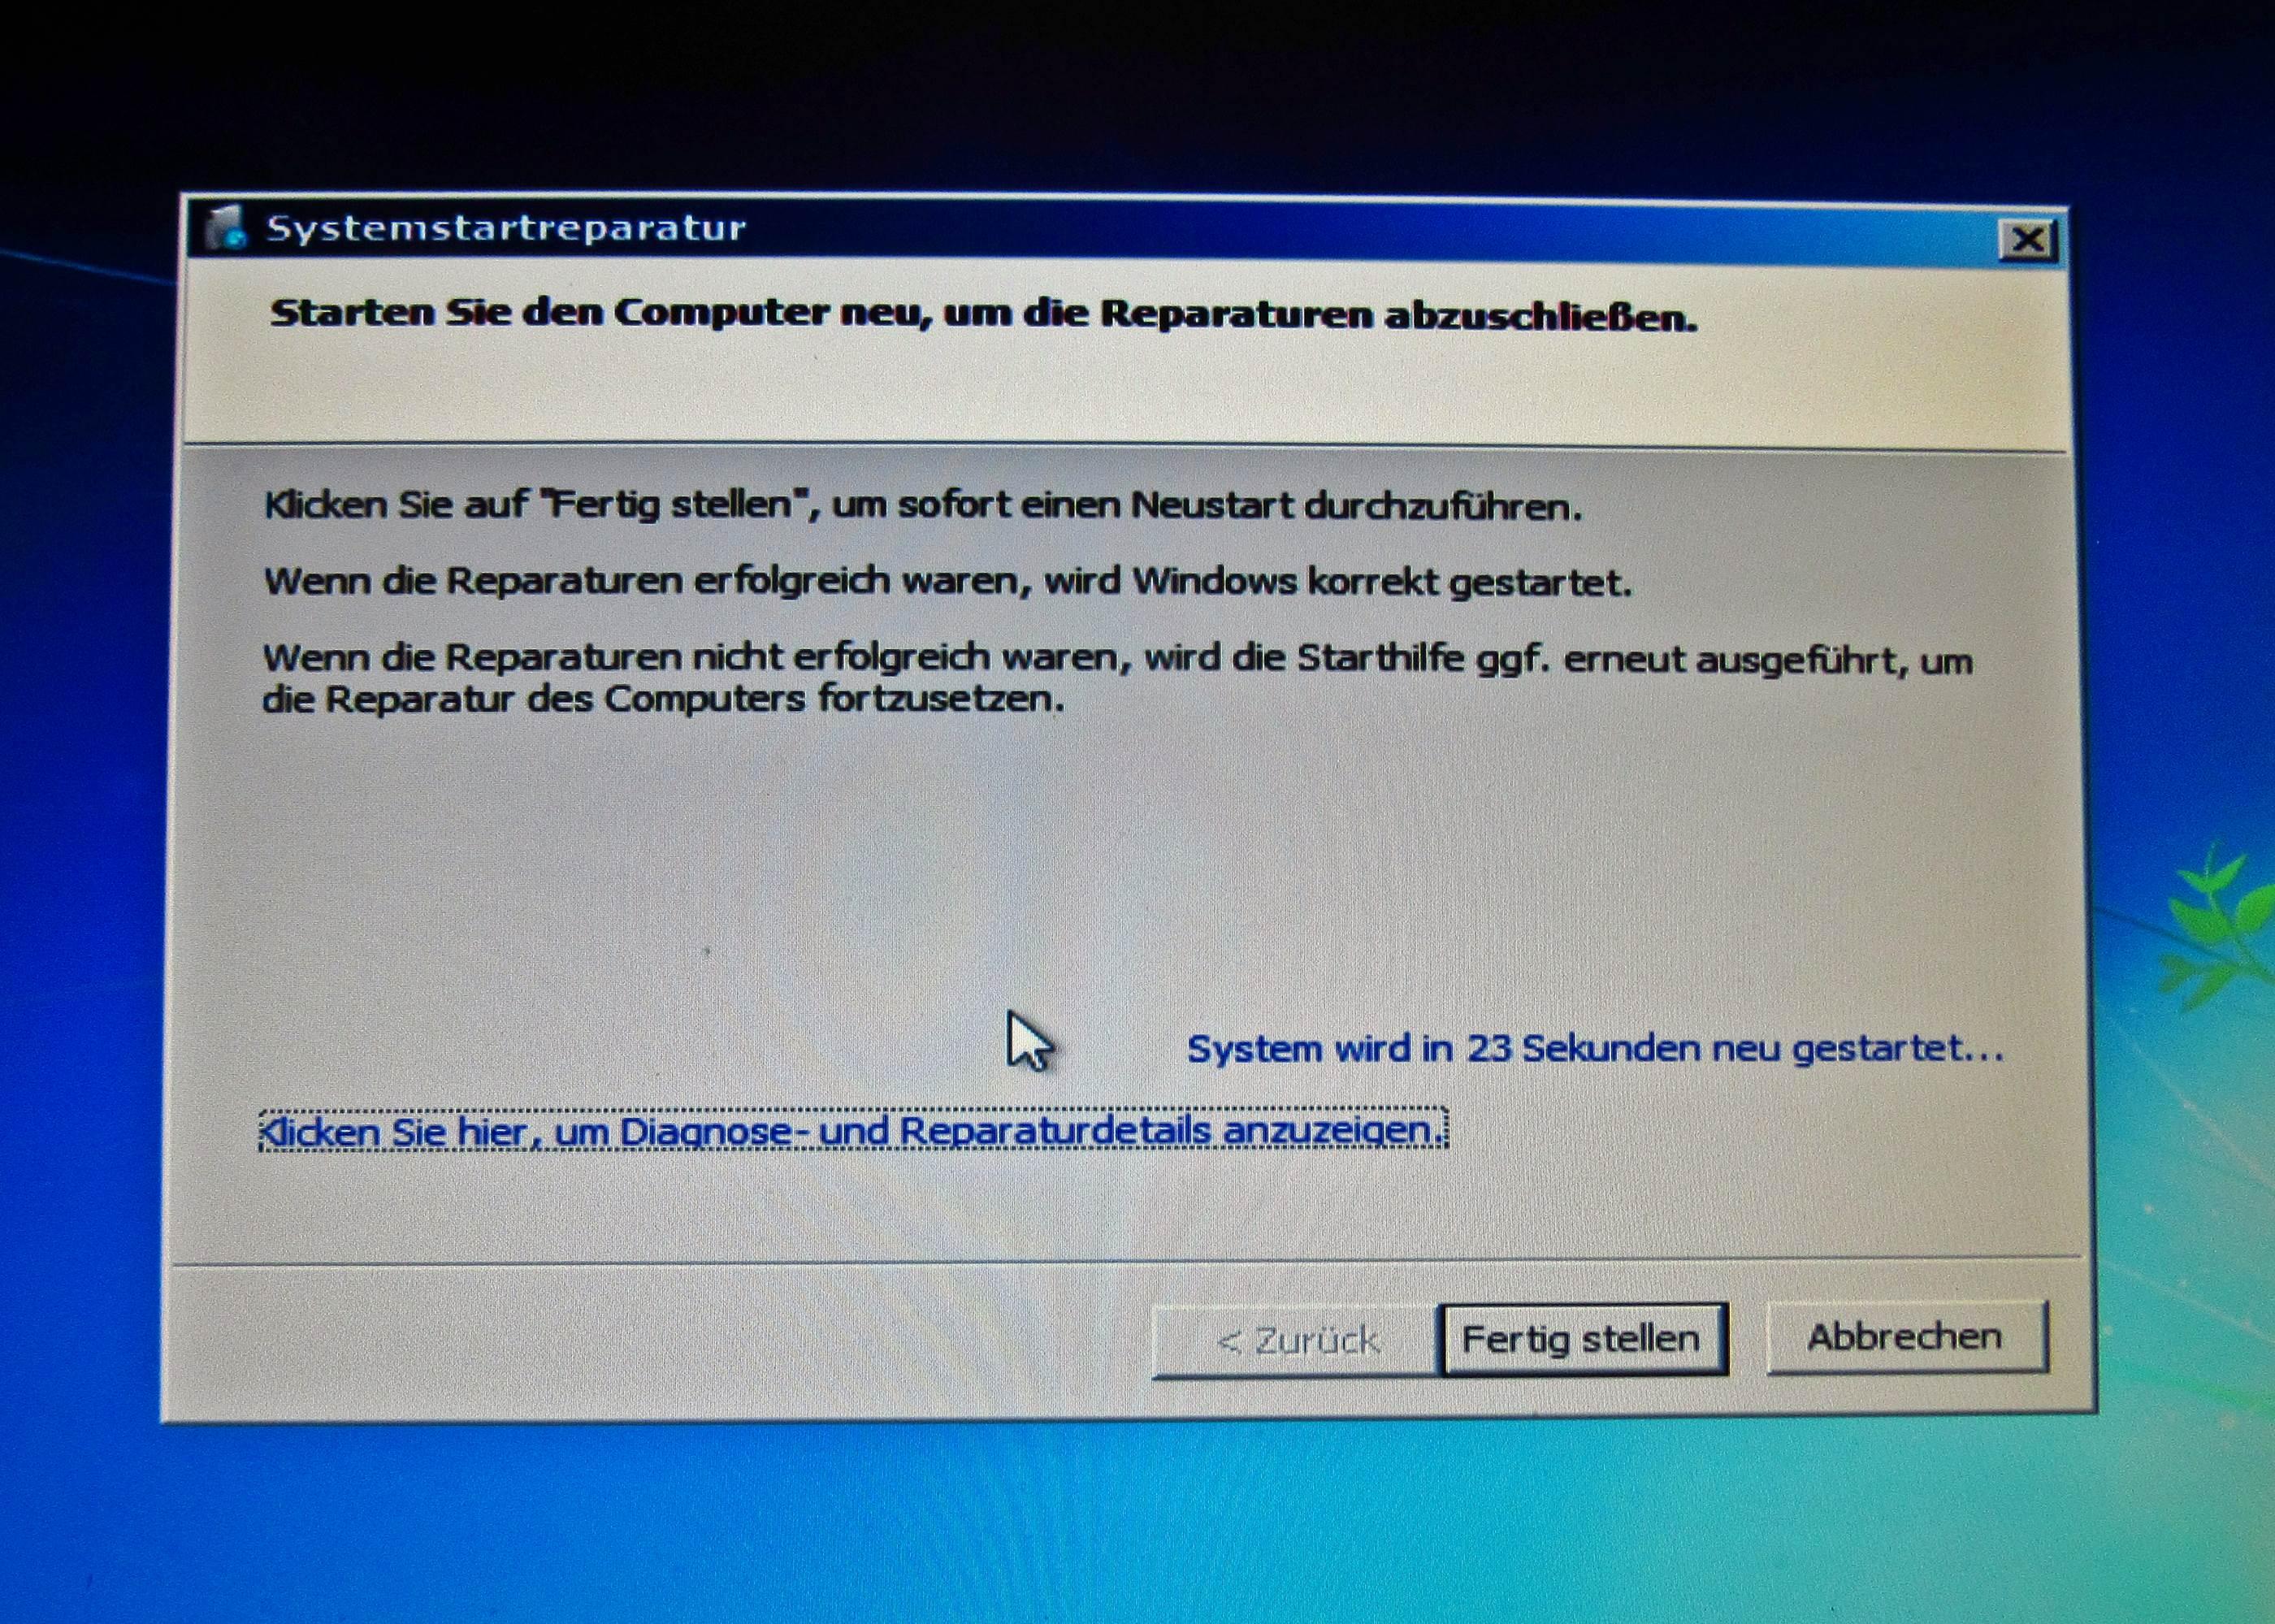 Windows 7 Update Hängt Nach Neustart